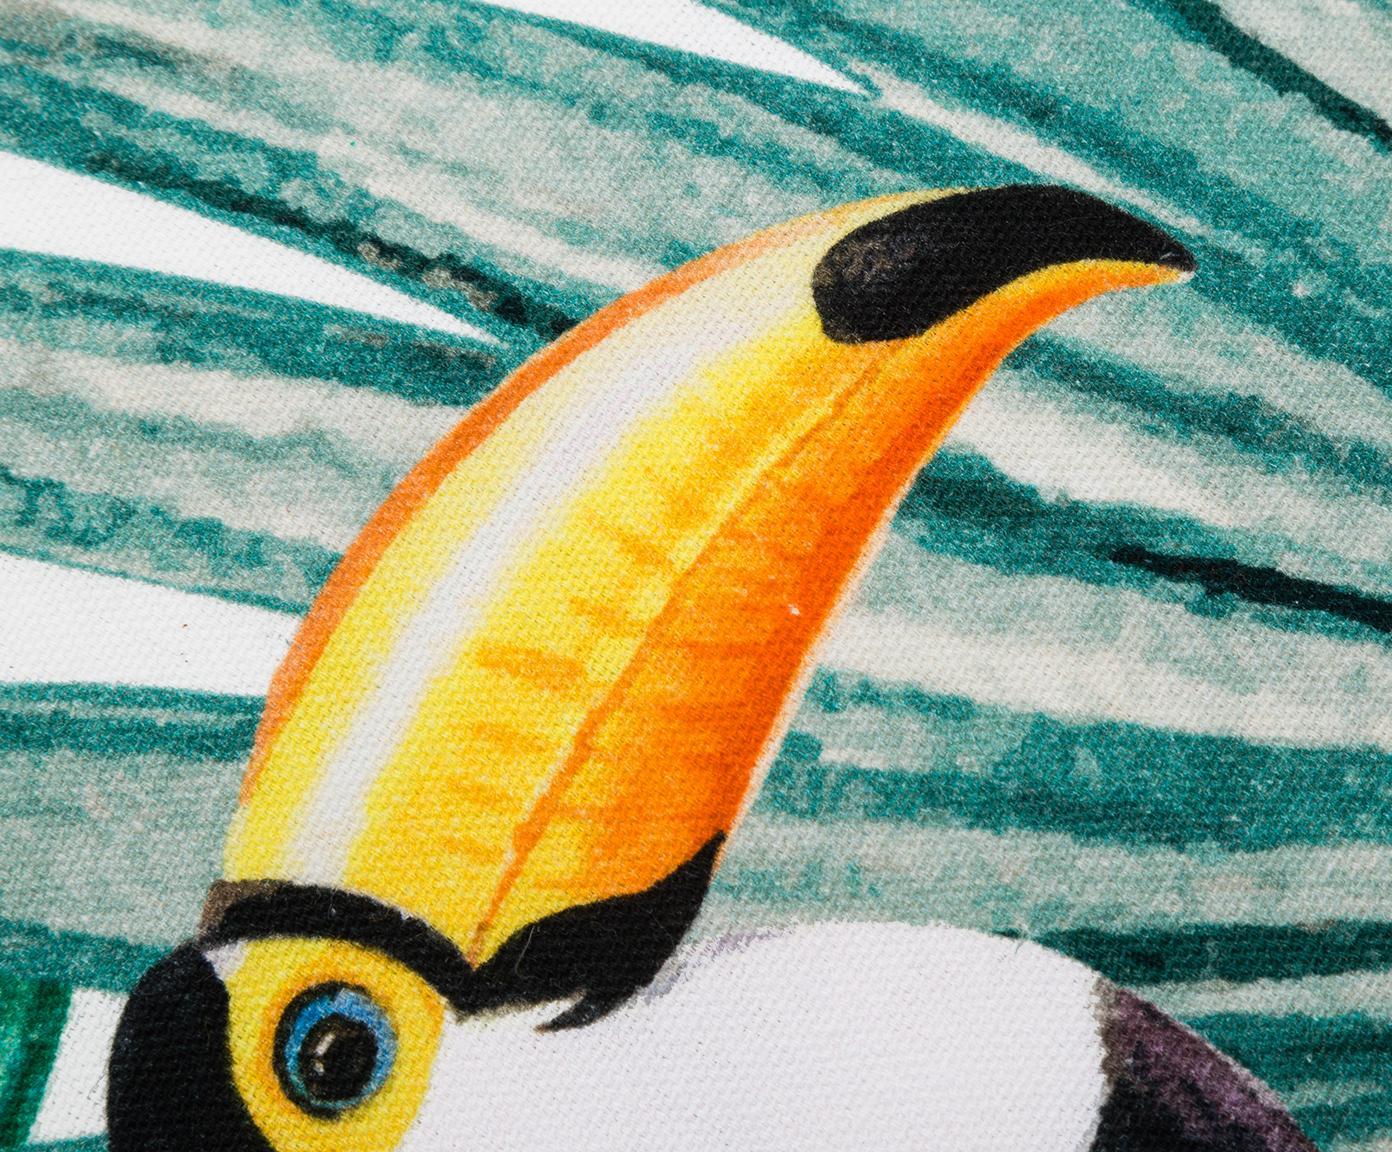 Kissenhülle Polly mit tropischem Print in Bunt, 100% Baumwolle, Mehrfarbig, Weiß, 40 x 40 cm